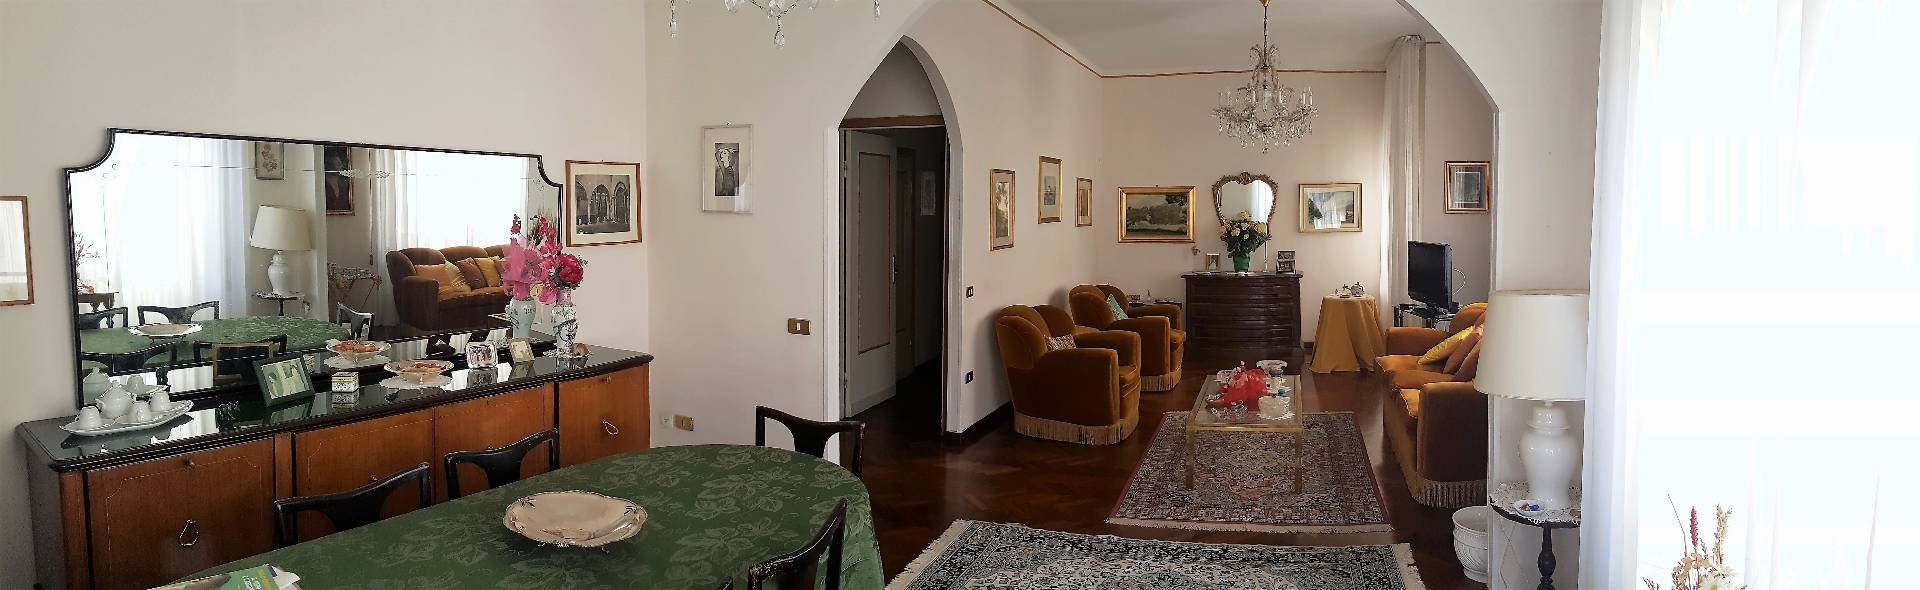 Appartamento in vendita a Ascoli Piceno, 6 locali, zona Località: CentroStorico, prezzo € 190.000 | Cambio Casa.it